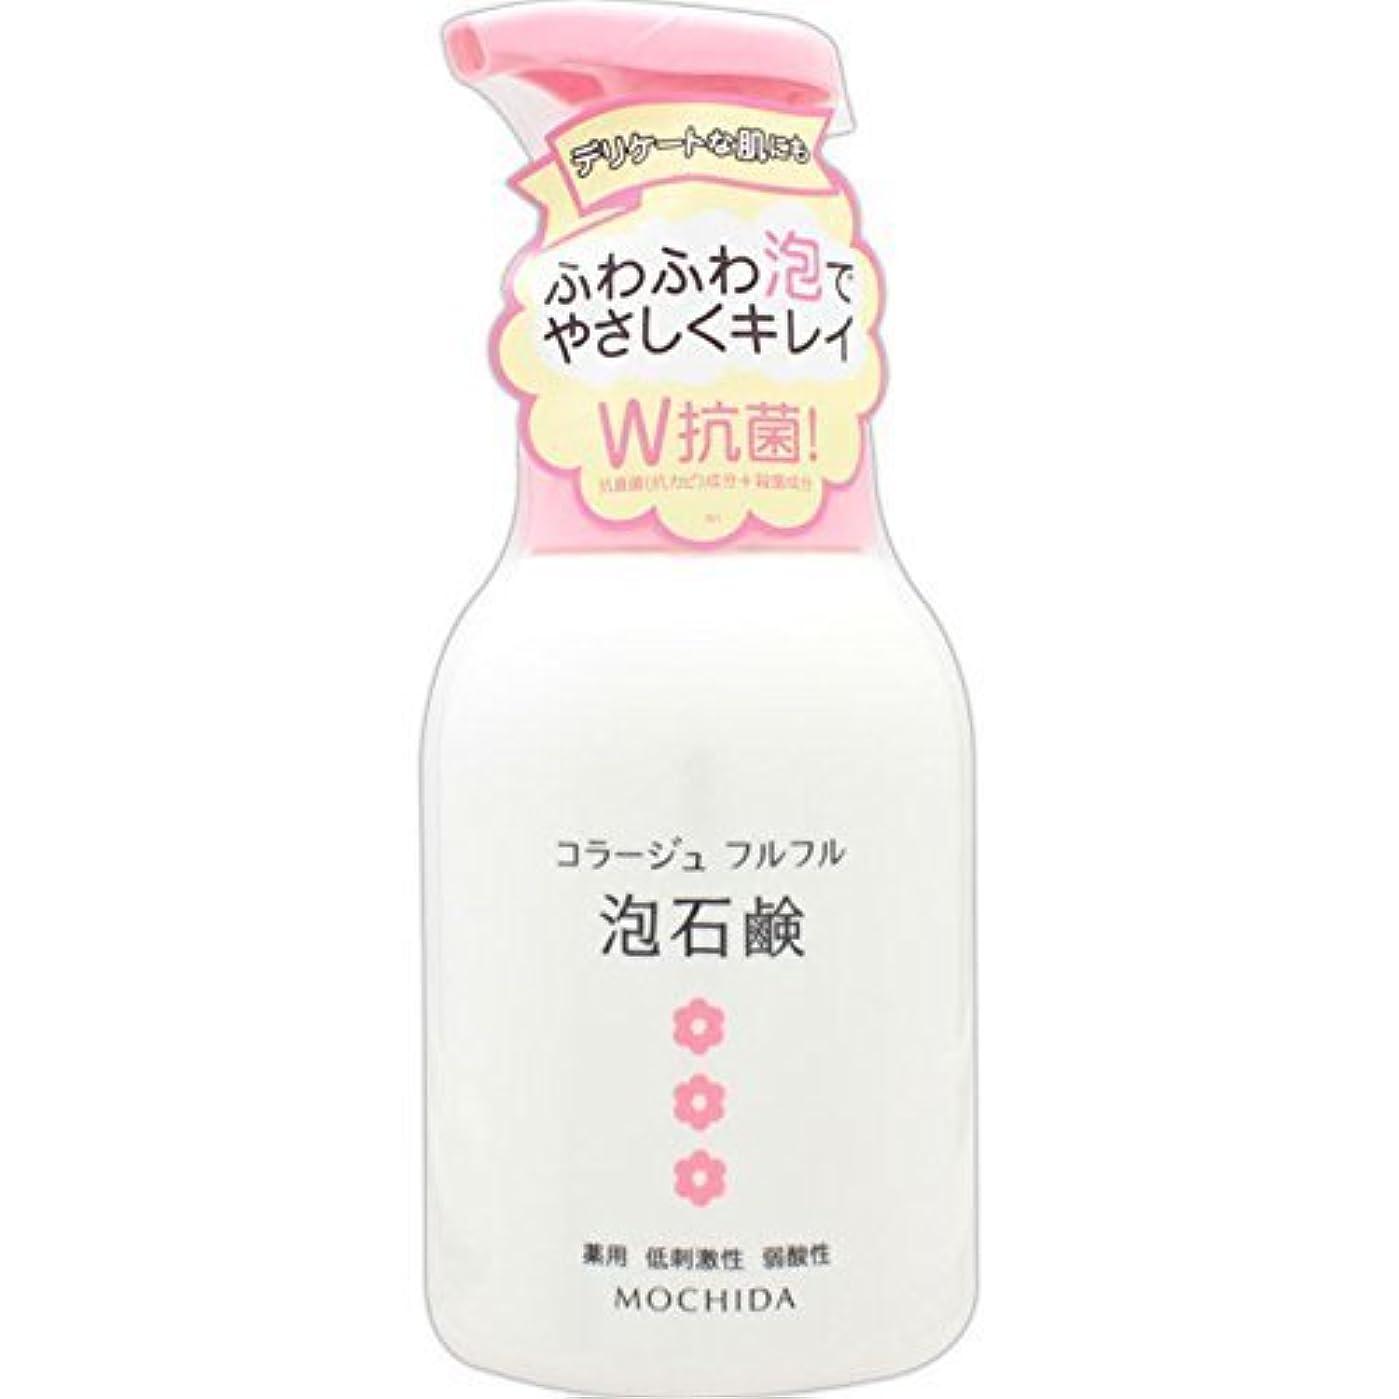 ベテラン平和清めるコラージュフルフル 泡石鹸 ピンク 300m L (医薬部外品) ×6